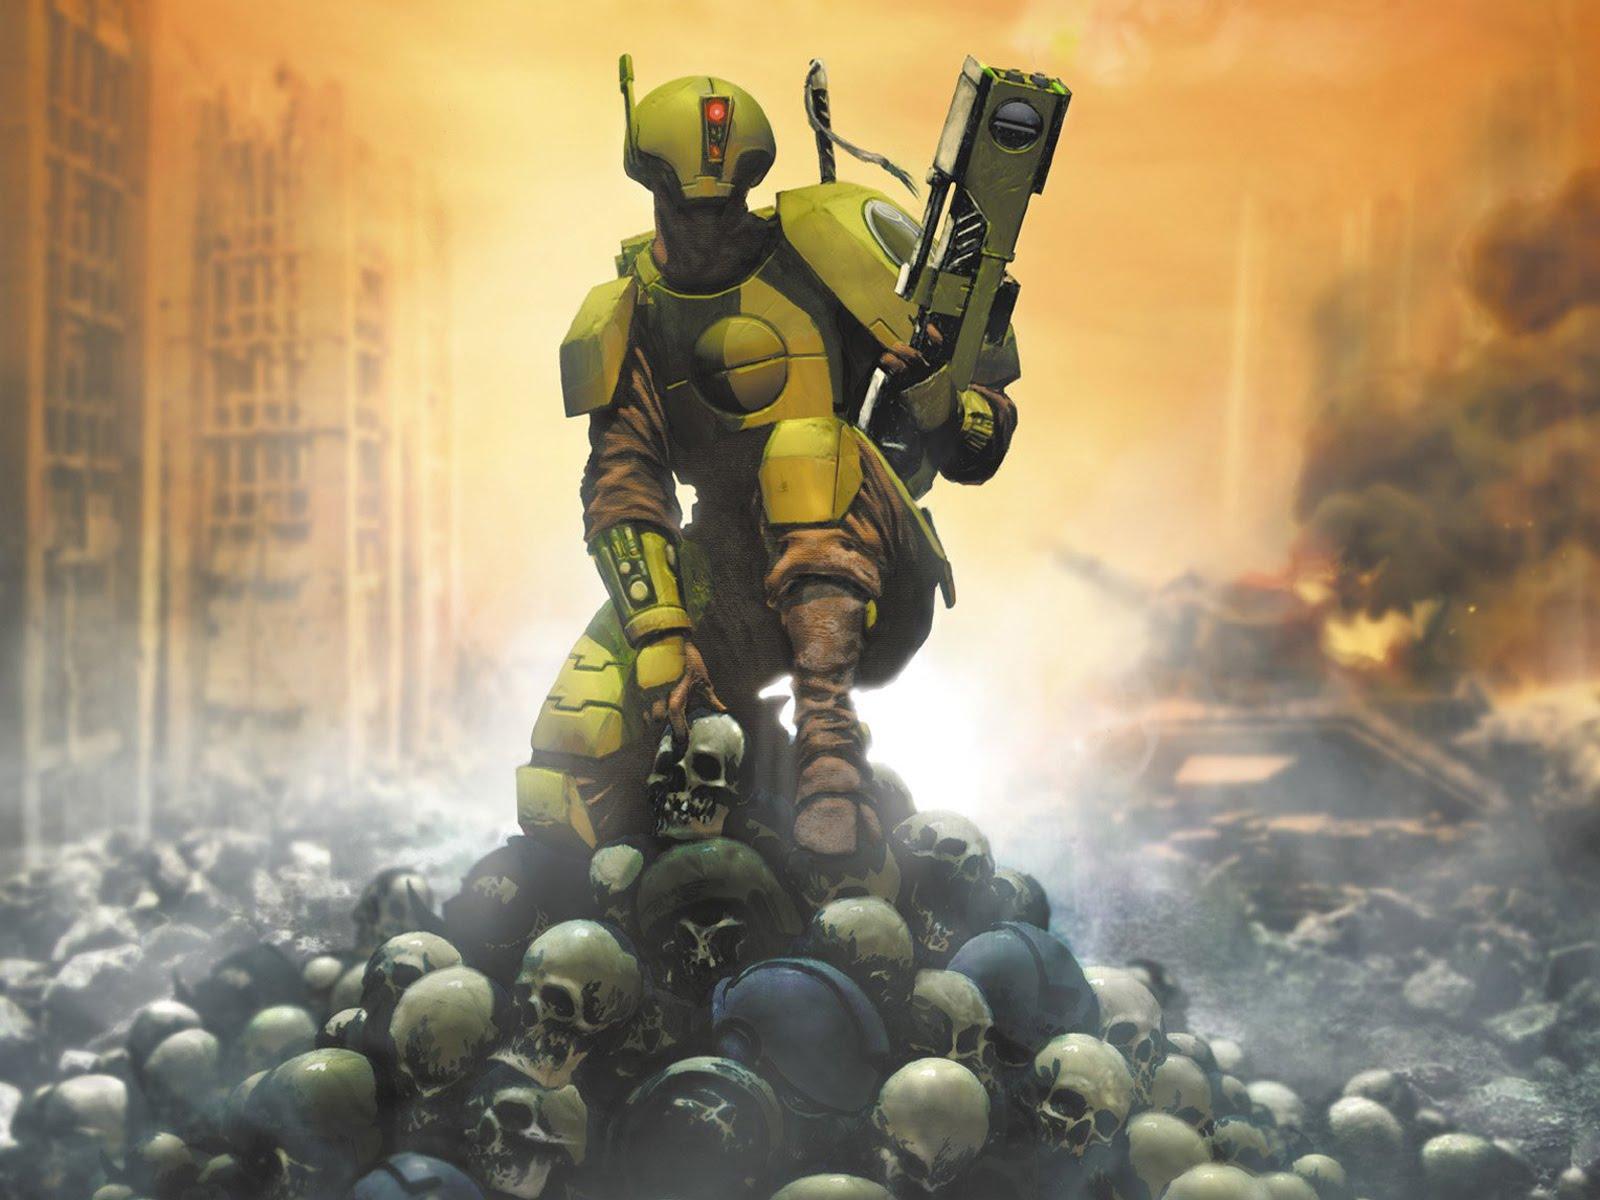 http://4.bp.blogspot.com/_RfD80Ww88ew/TSPwTNQqJeI/AAAAAAAAA5w/4Fldnn85OiI/s1600/warhammer+40k5.jpg